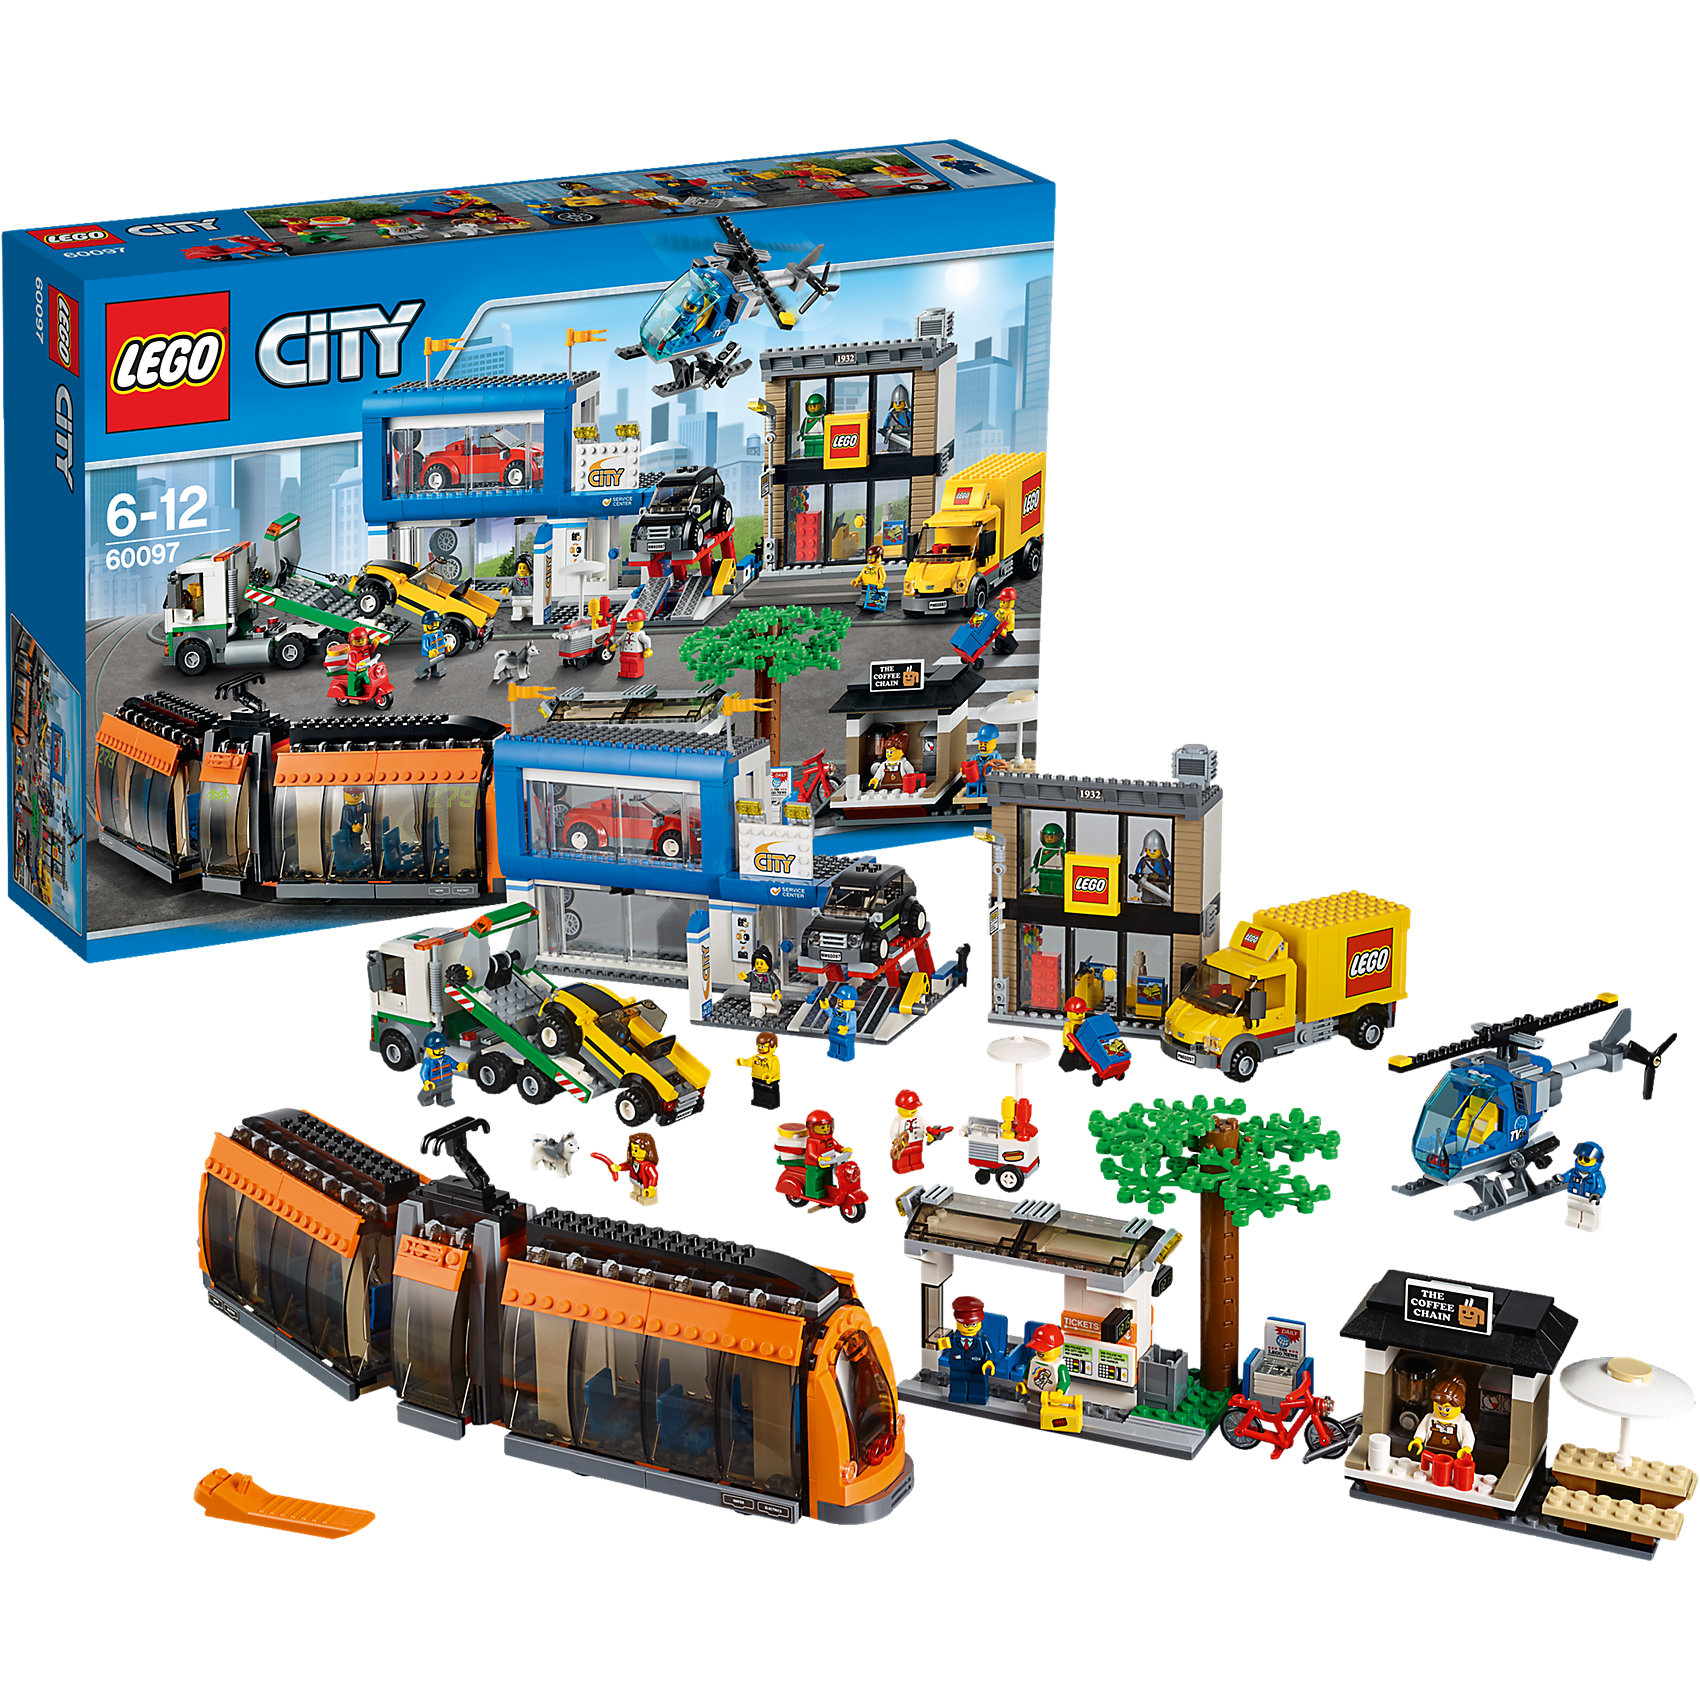 LEGO City 60097: Городская площадьПластмассовые конструкторы<br>Замечательная новинка 2015 года от LEGO City (ЛЕГО Сити) 60097: Городская площадь. С помощью деталей набора можно с головой погрузиться с шумный и динамичный мир города, где на каждом шагу случаются разные события. Кто-то запросто катается на велосипеде и посещает кофейню. А у пилота вертолета как всегда напряженный день. Зато из кабины вертолета открывается отличный вид на город. В магазинах как всегда оживление. Кто-то выбирает автомобиль, а кто-то завозит новый товар. Чтобы везде успеть, можно прокатиться на трамвае. Время обеда, поэтому курьеры мчатся по всему городу, чтобы вовремя доставить вкуснейшую пиццу. Игры со множеством городских сюжетов очень понравятся детям, тем более, что с таким набором очень интересно играть как одному, так и с большой компанией друзей. Примерь на себя всевозможные профессии и выбери самую интересную!<br><br>В необычном городе LEGO City непременно найдется место и строгим полицейским, и доброжелательным местным жителям, и заботливым работникам скорой помощи, а также всевозможным животным и красивым цветам и растениям. Используя детали из серии LEGO City (ЛЕГО Сити) можно создать практически любой сюжет городской жизни мегаполиса. <br><br>Дополнительная информация:<br><br>- Конструкторы LEGO City (ЛЕГО Сити) развивают тактильные ощущения и помогают ребенку познавать строение мира;<br>- Количество деталей: 1683 шт;<br>- В набор входят 14 минифигурок: продавец магазина, водитель доставки, водитель трамвая, пилот вертолета, продавщица кофейни, доставщик пиццы, механик, продавец автомобилей, продавец хот-догов, водитель эвакуатора, мальчик и девочка;<br>- Серия: LEGO City (ЛЕГО Сити);<br>- Материал: пластик;<br>- Размер упаковки: 58,2 х 37,8 х 11,8 см;<br>- Вес: 3 кг<br><br>Конструктор LEGO City (ЛЕГО Сити) 60097: Городская площадь, можно купить в нашем интернет-магазине.<br><br>Ширина мм: 585<br>Глубина мм: 375<br>Высота мм: 120<br>Вес г: 3121<br>Возраст от месяцев: 72<br>